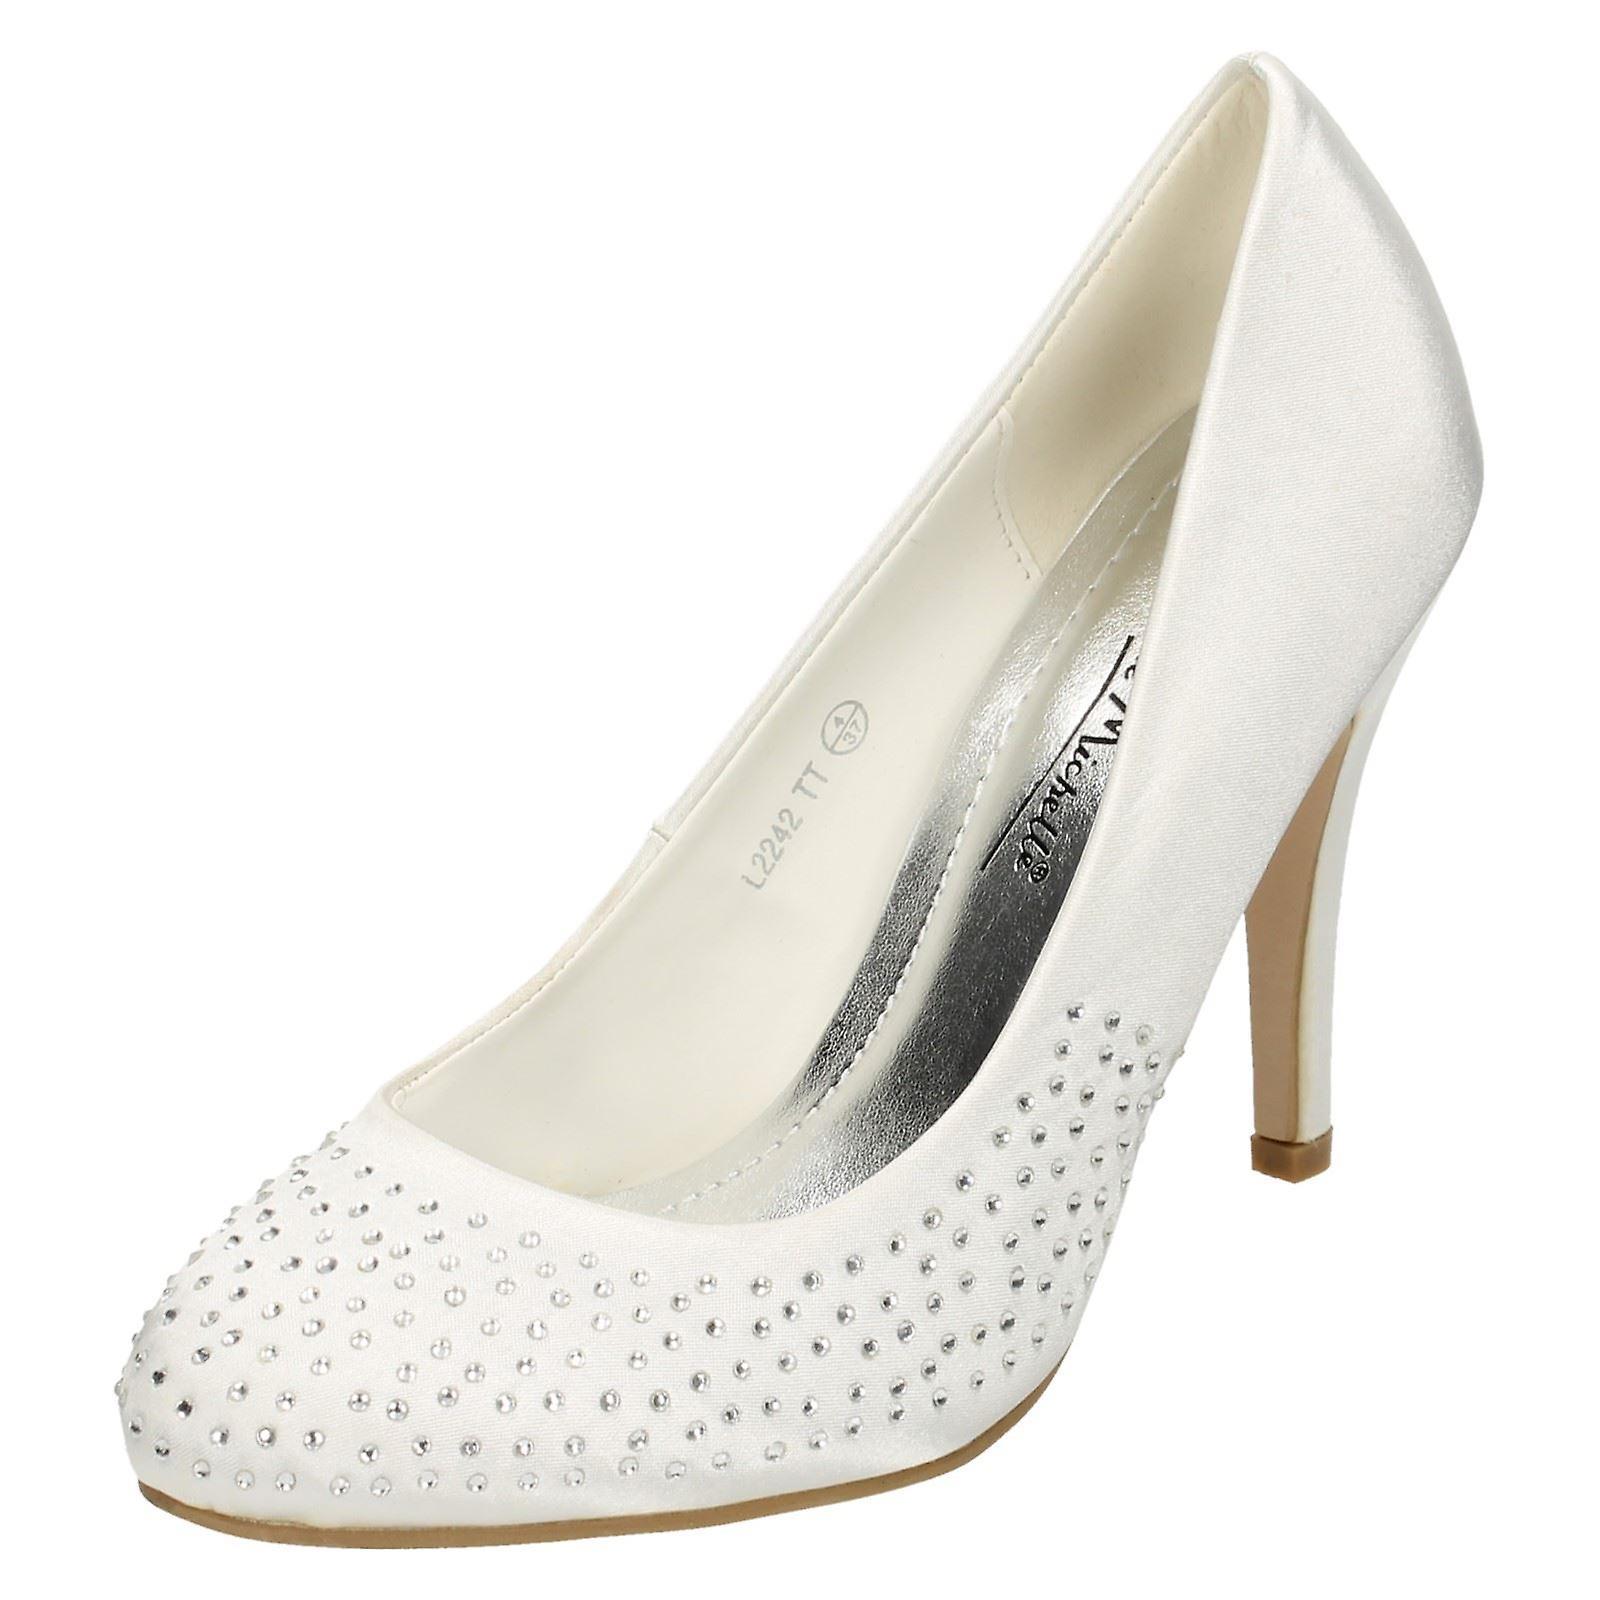 Damen Anne Michelle Diamante Gericht Schuhe L2242